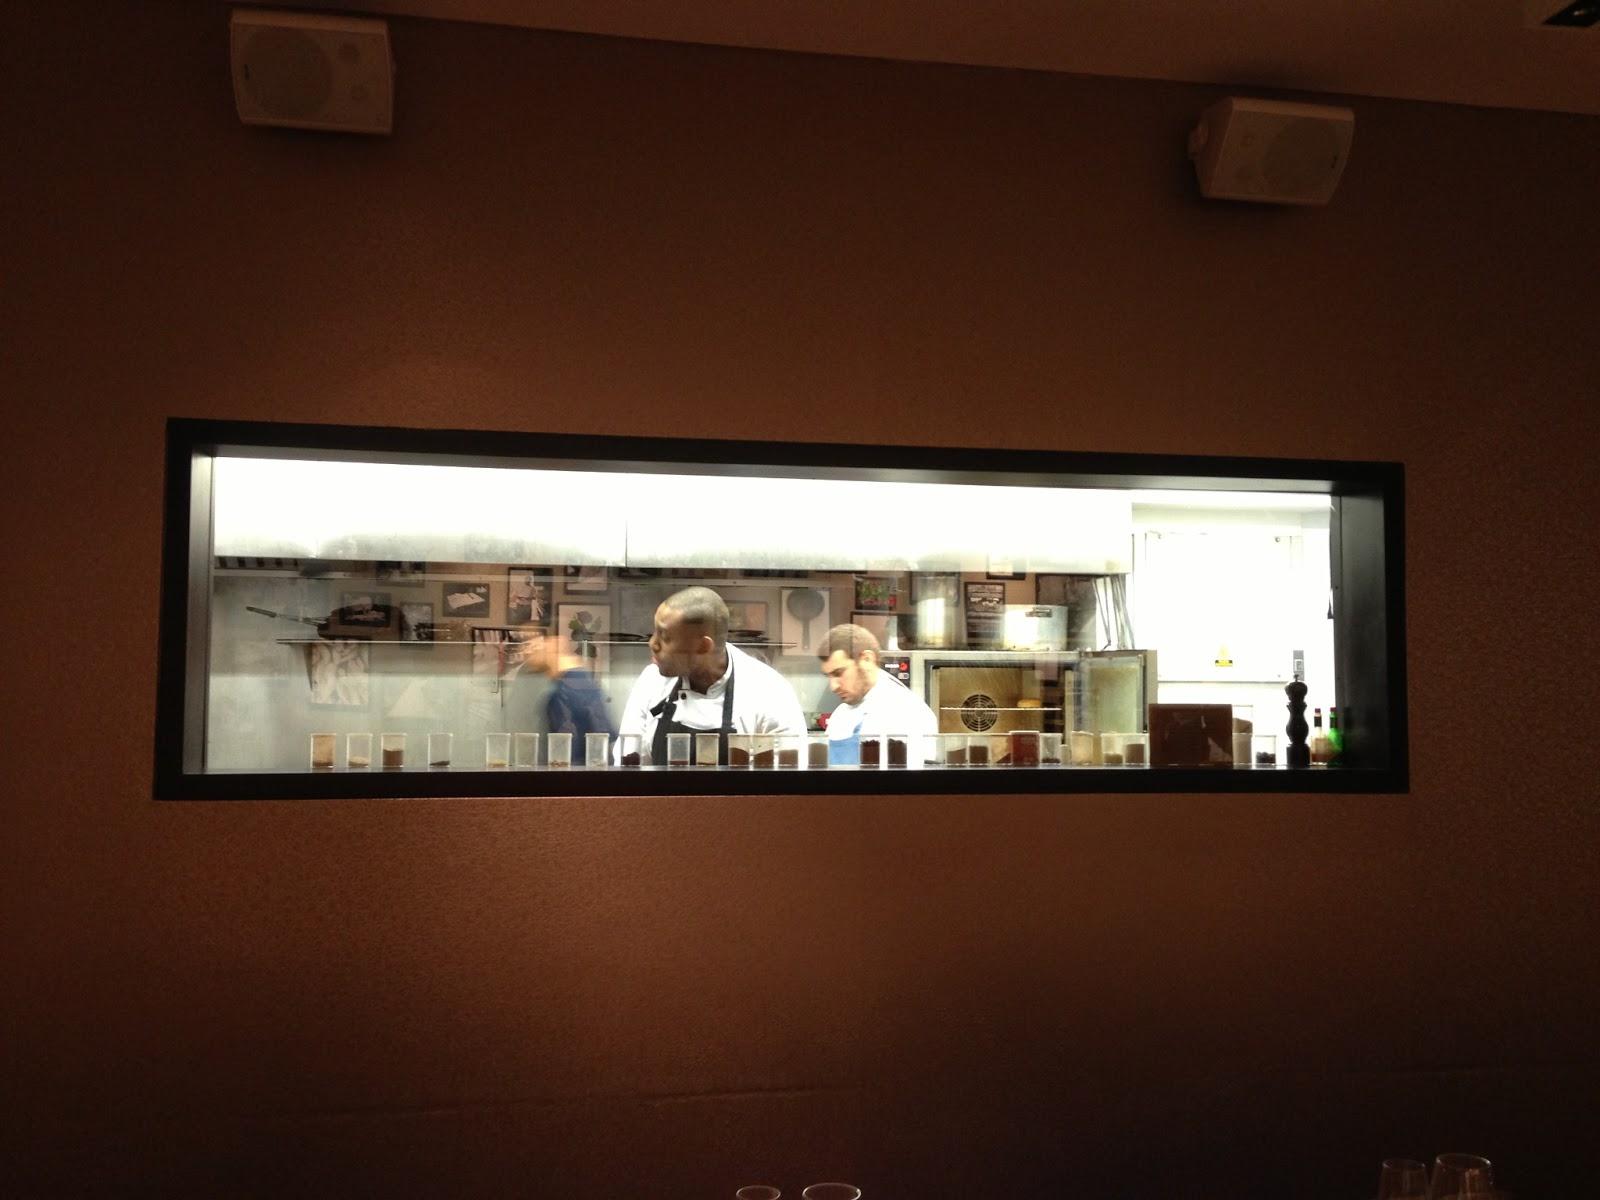 Restaurant Kitchen Window delighful restaurant kitchen window prbvit k in design inspiration